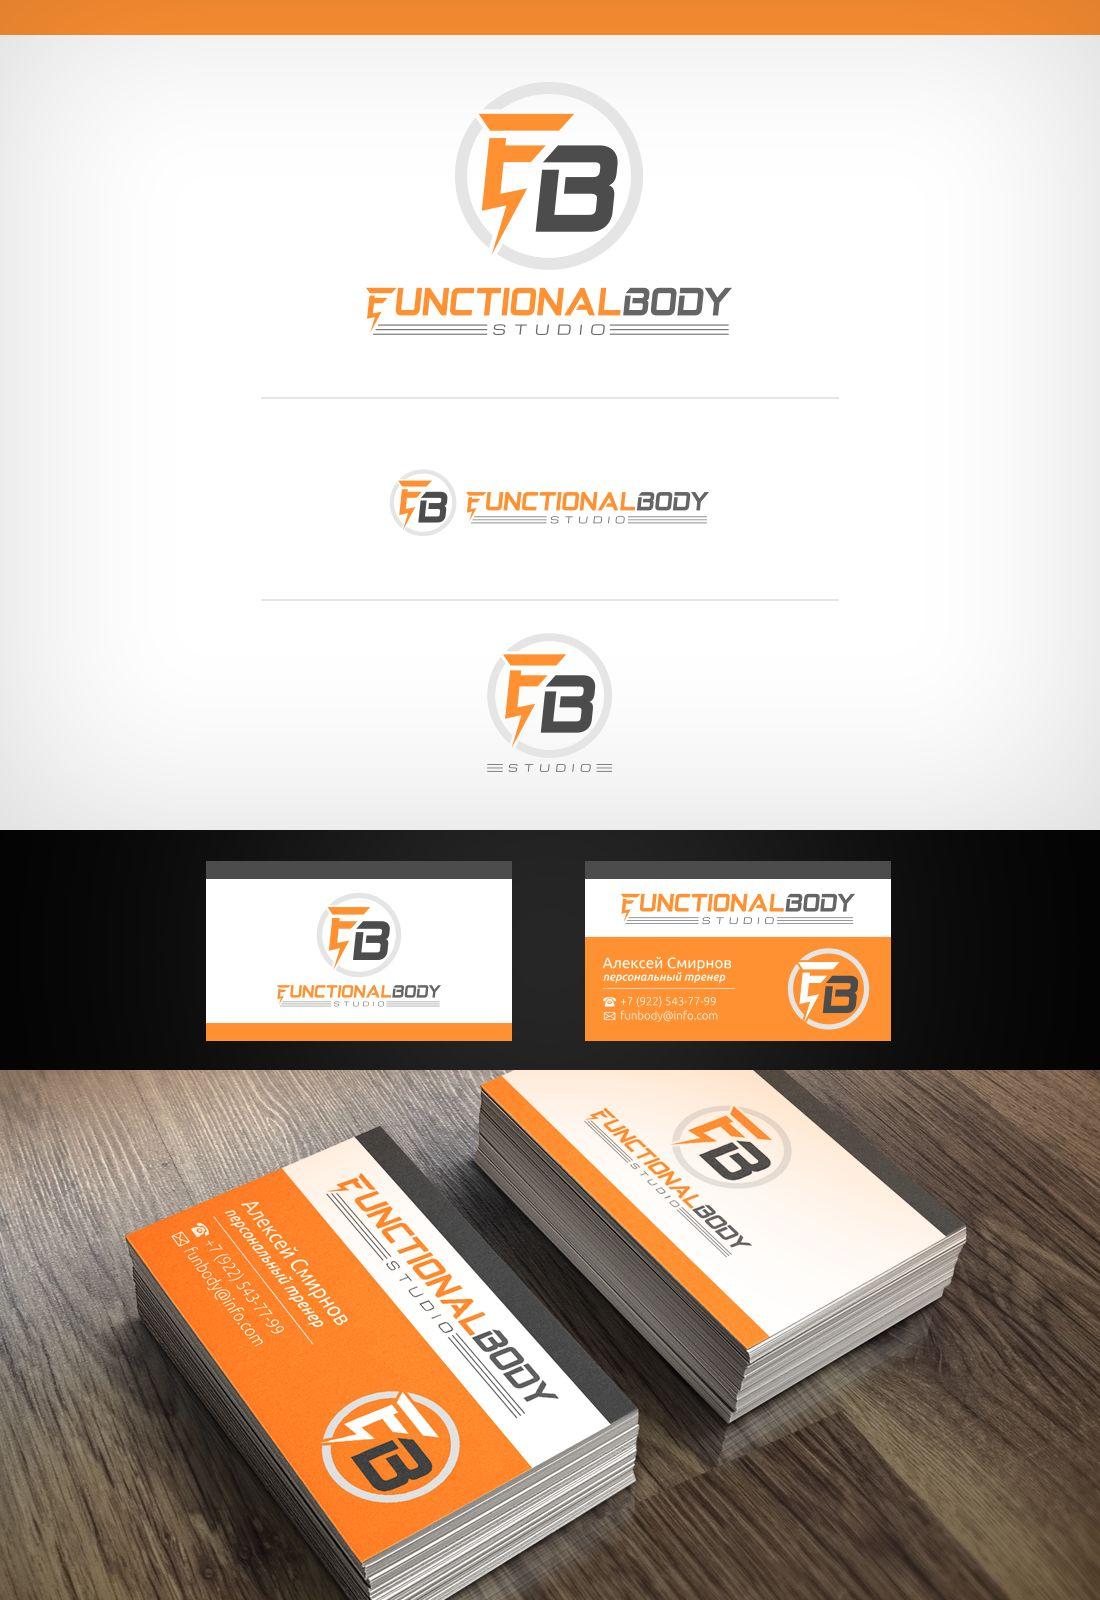 Лого и фирменный стиль для спортивной студии  - дизайнер MrPartizan